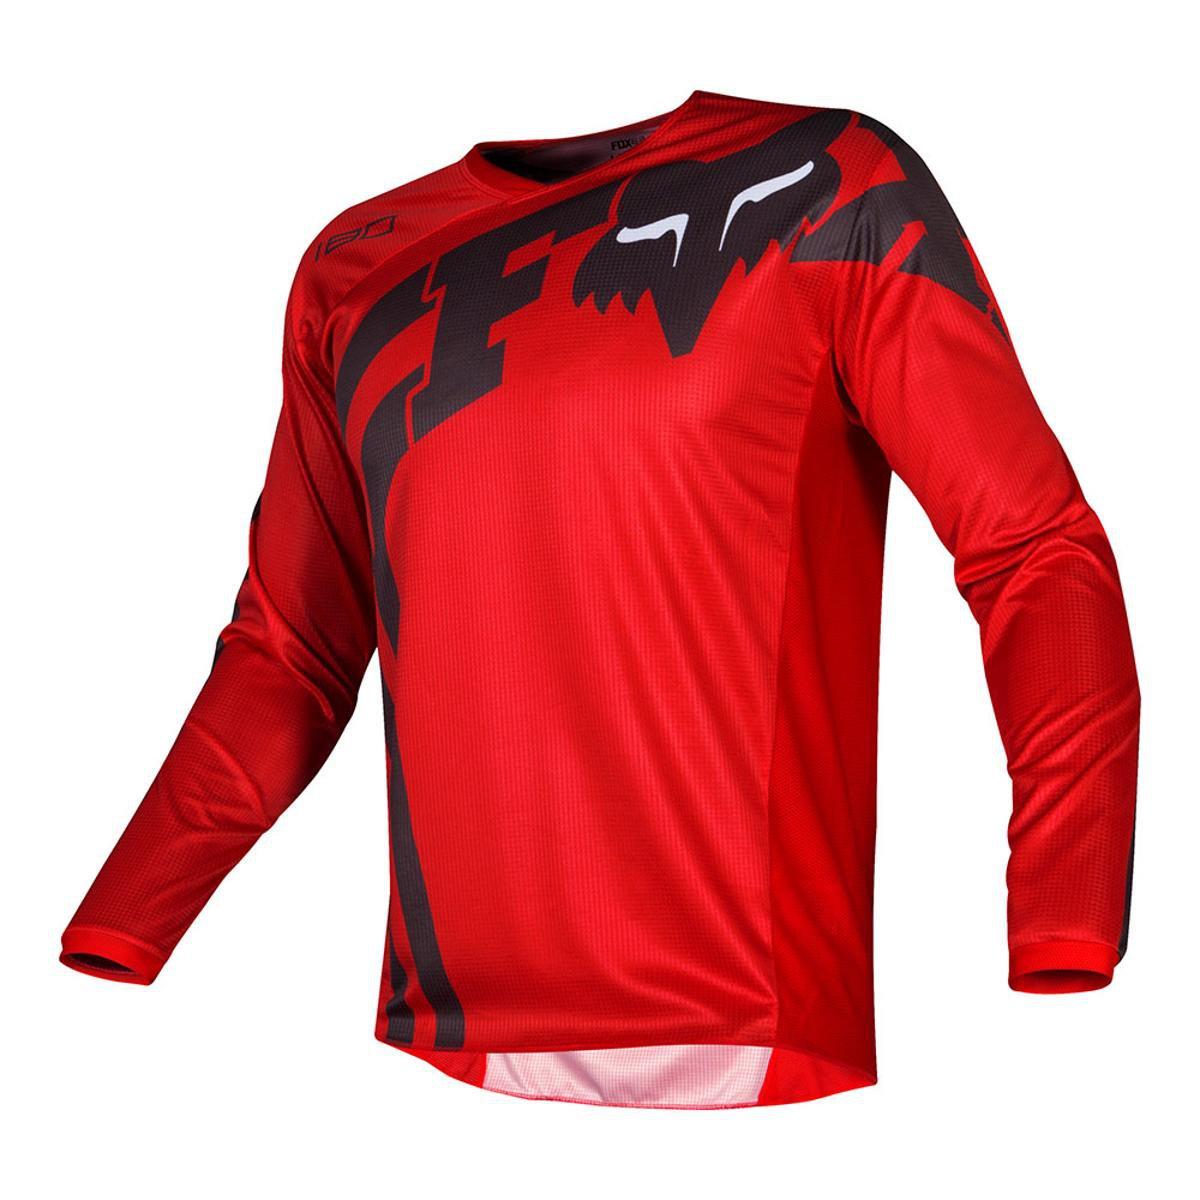 Camisa Fox 180 Cota Masculina - Vermelho - Compre Agora  06b1ac94d06